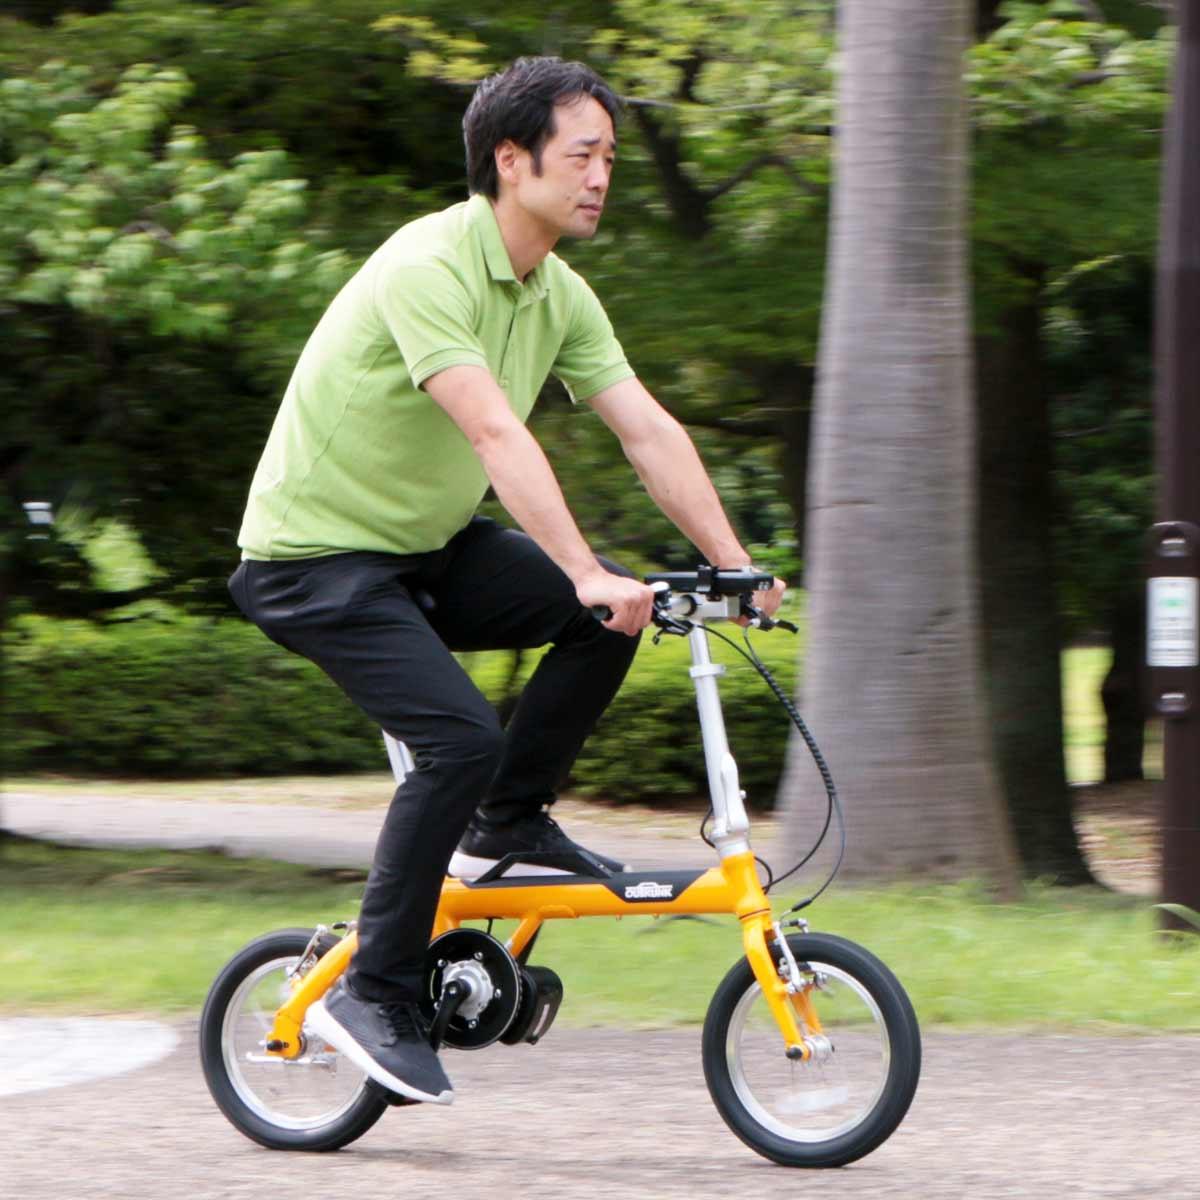 30秒かからずに輪行準備完了! モバイルバッテリーで走る電動アシスト自転車「アウトランクe」